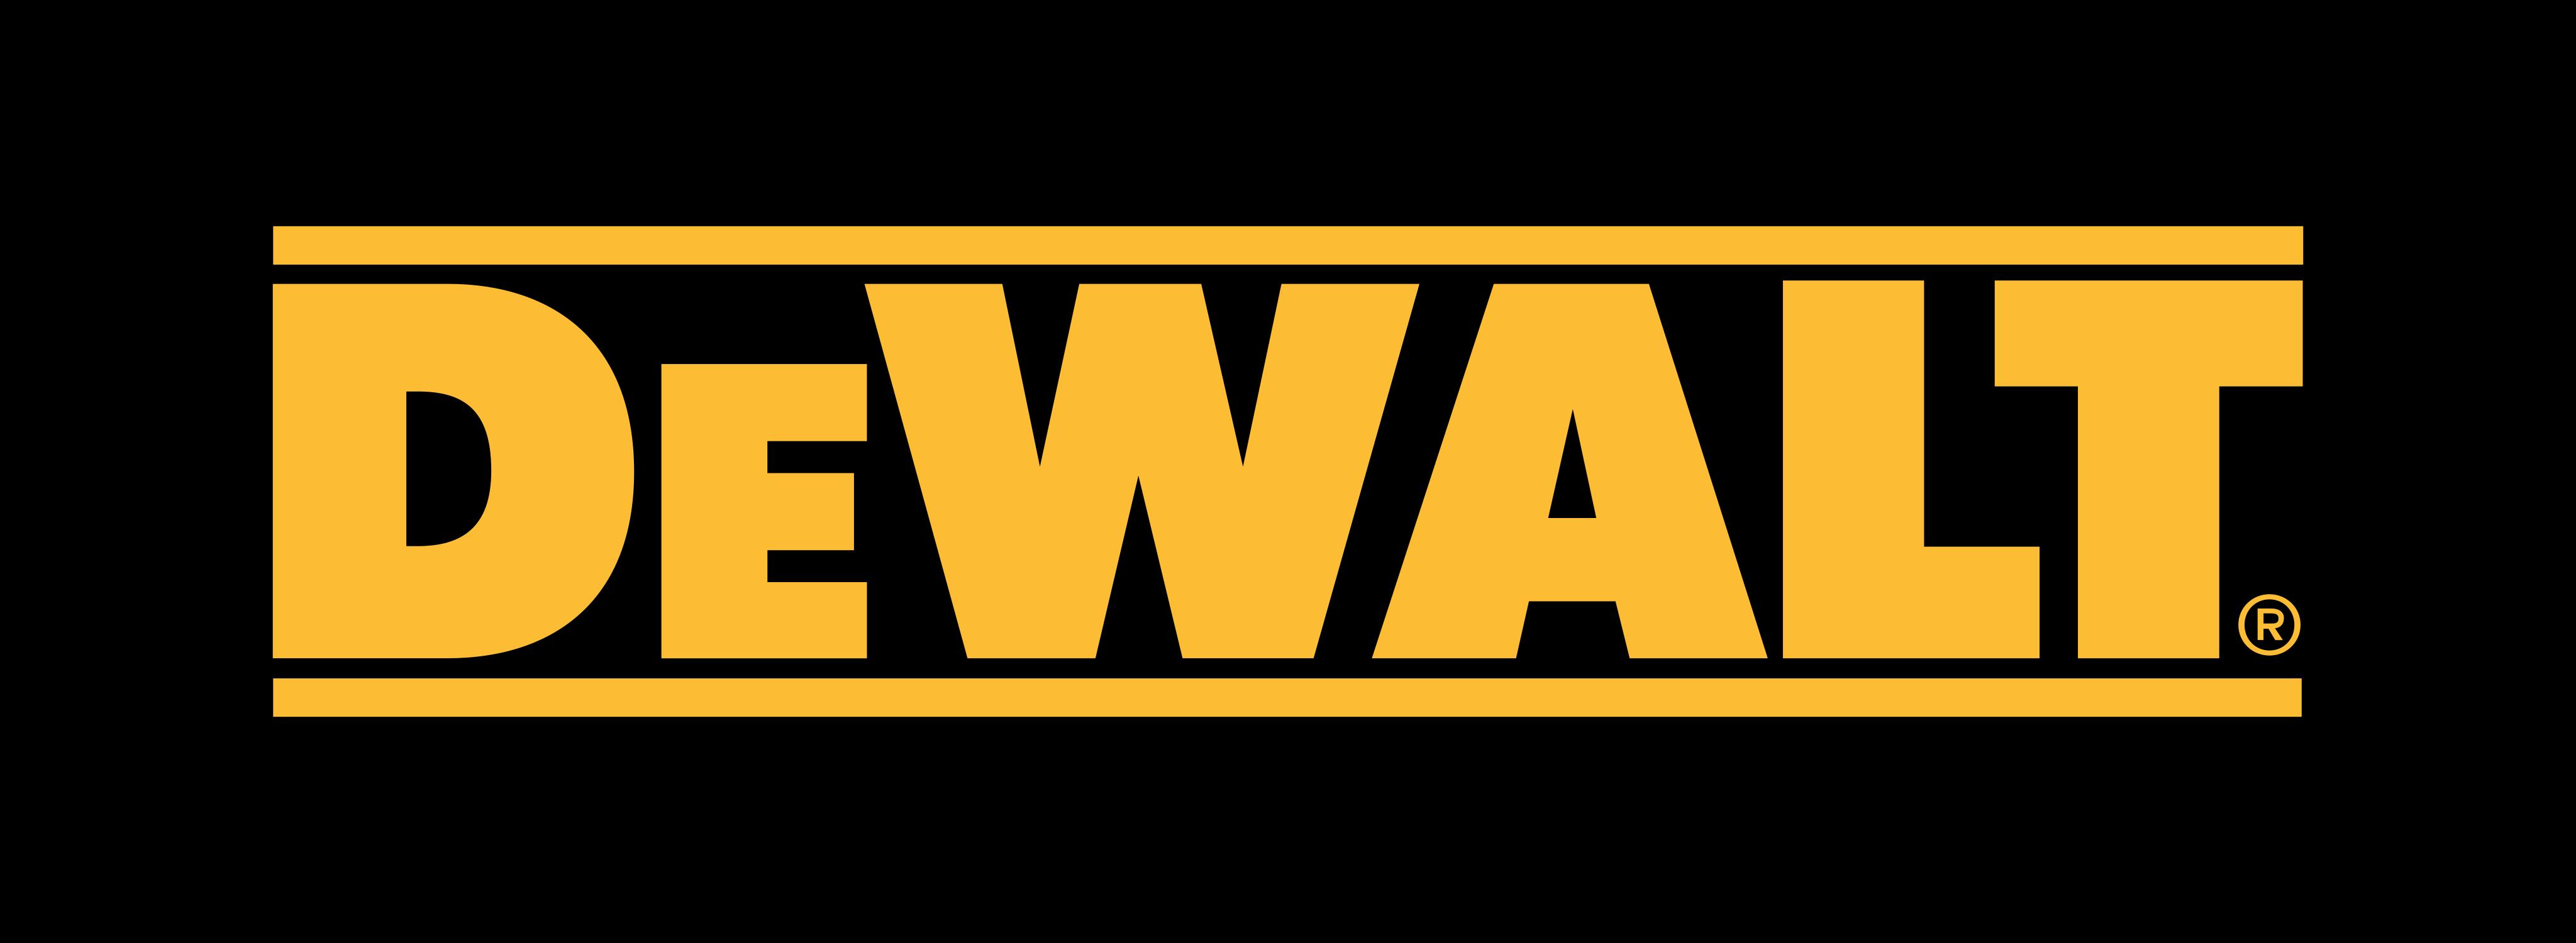 dewalt logo 1 - Dewalt Logo